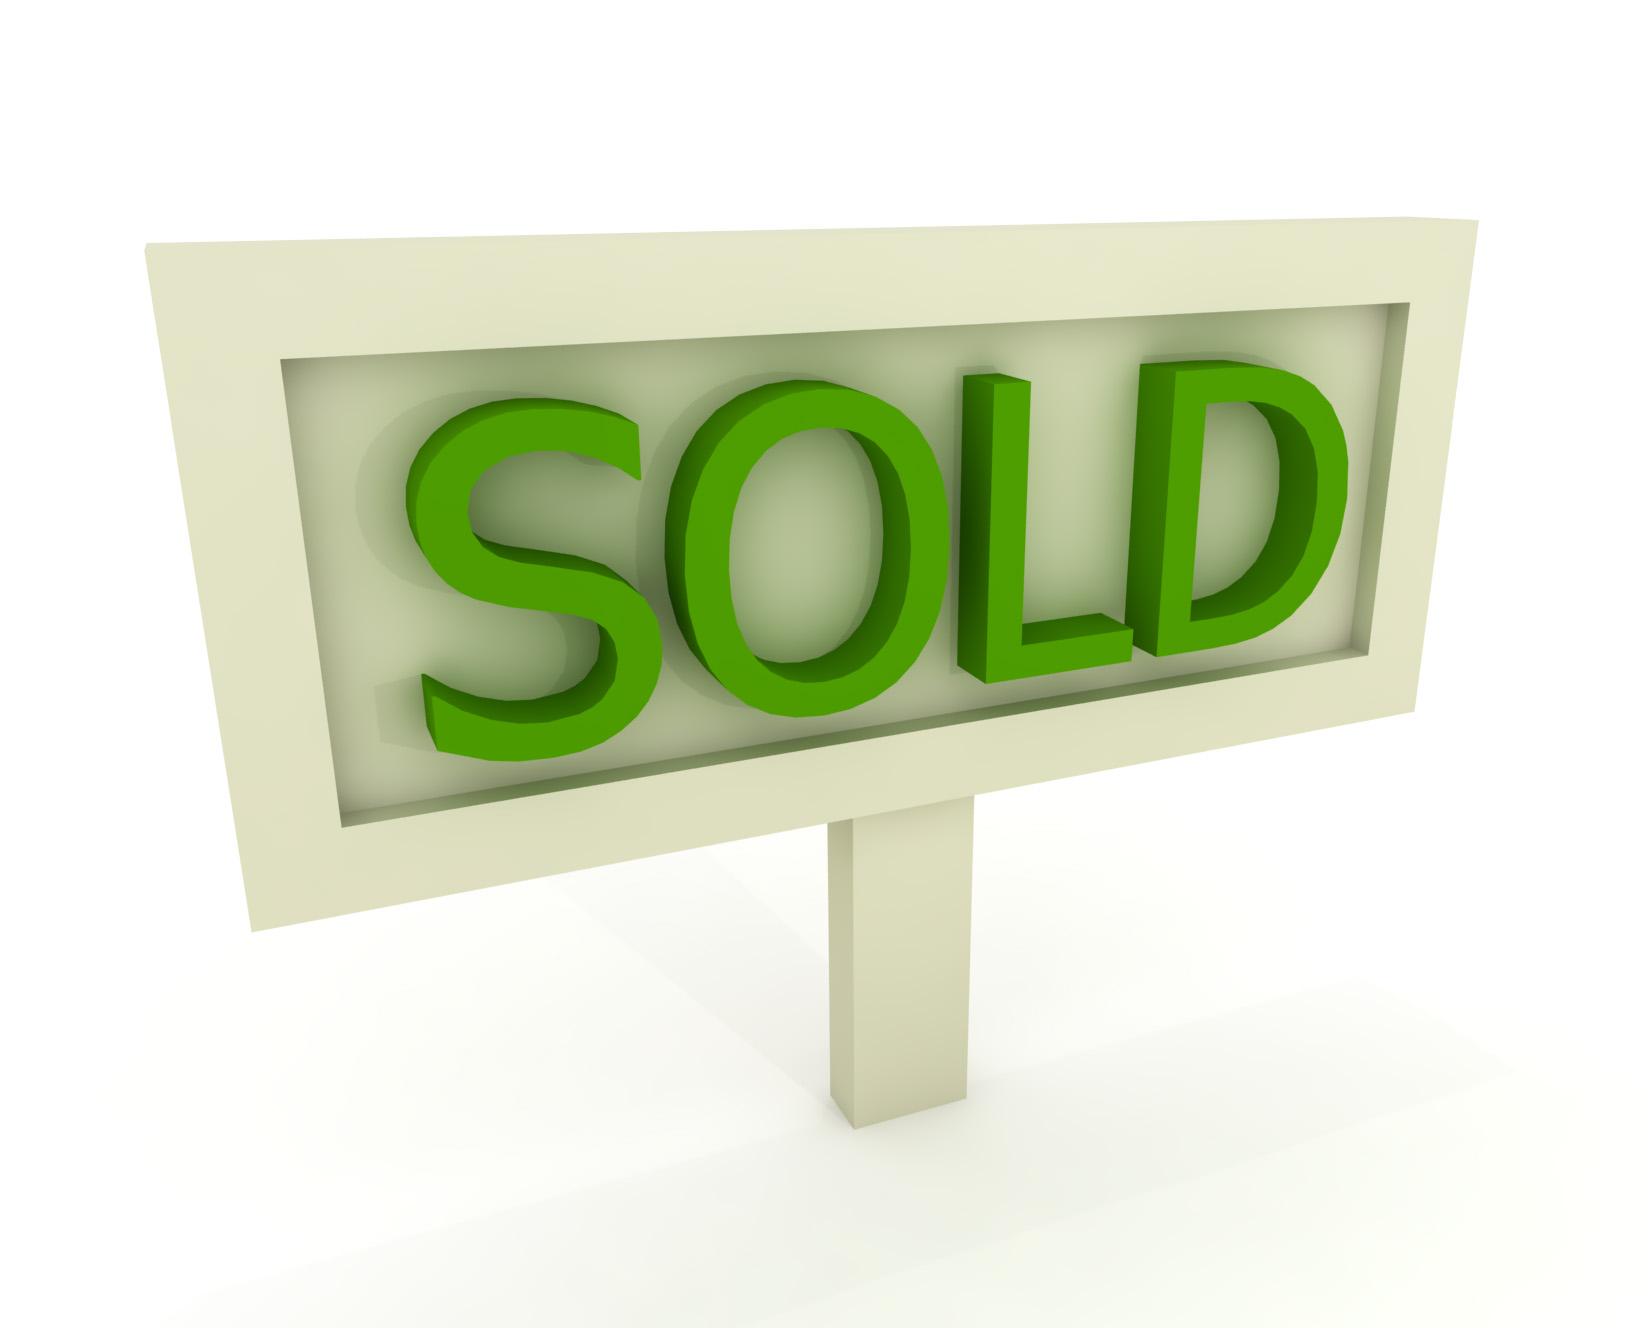 sold-2-1414014.jpg